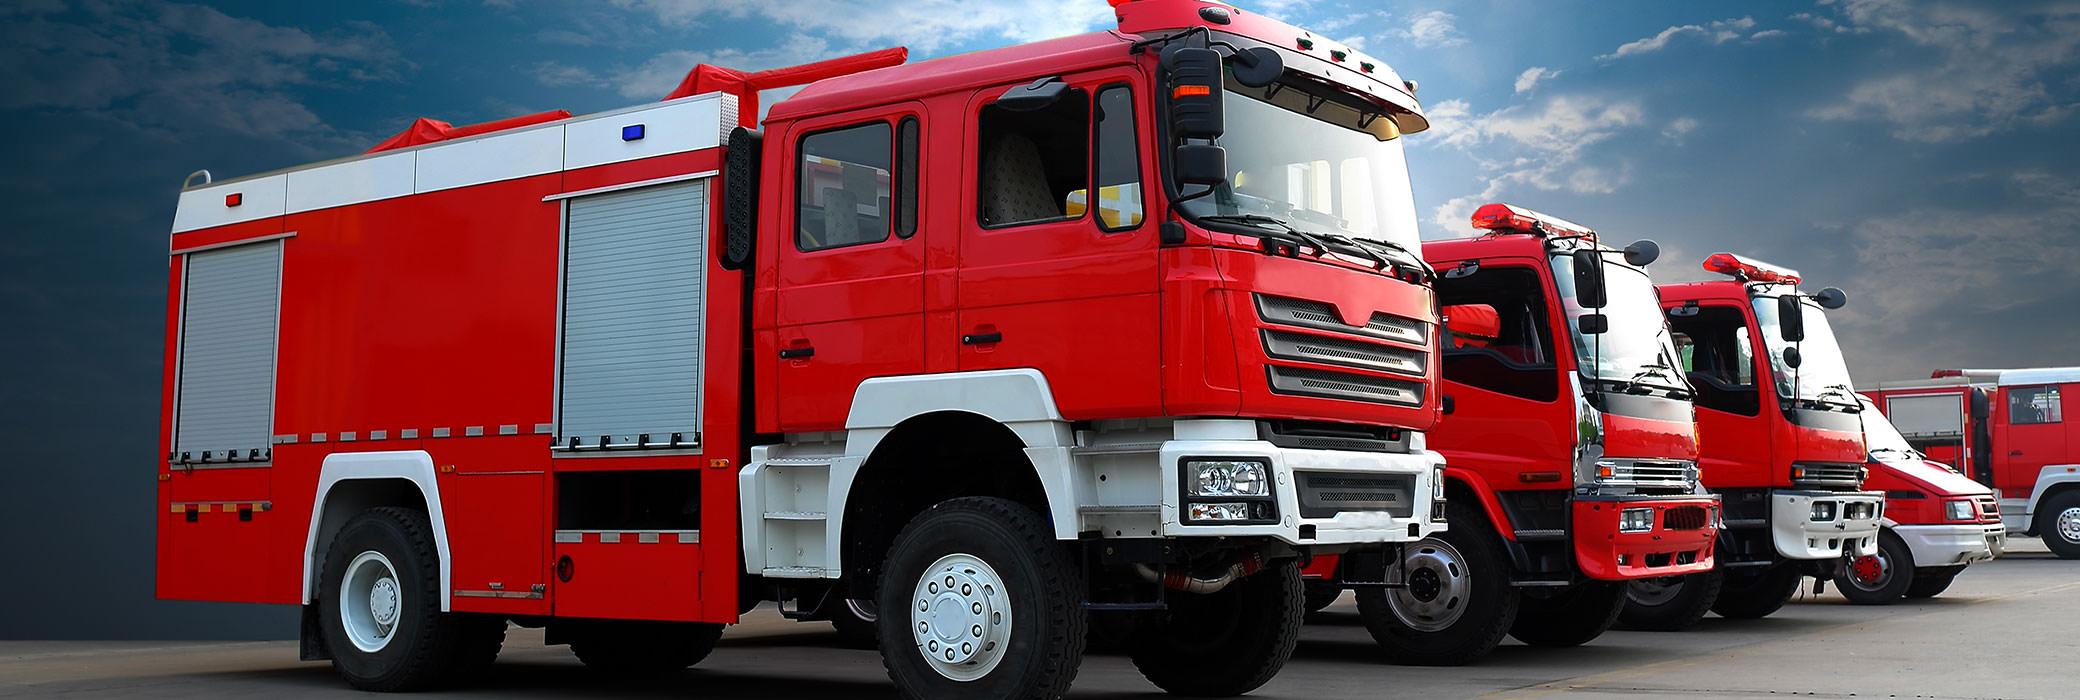 Wóz strażacki ustawiony wrzędzie. Wtle błękitne niebo zchmurami.